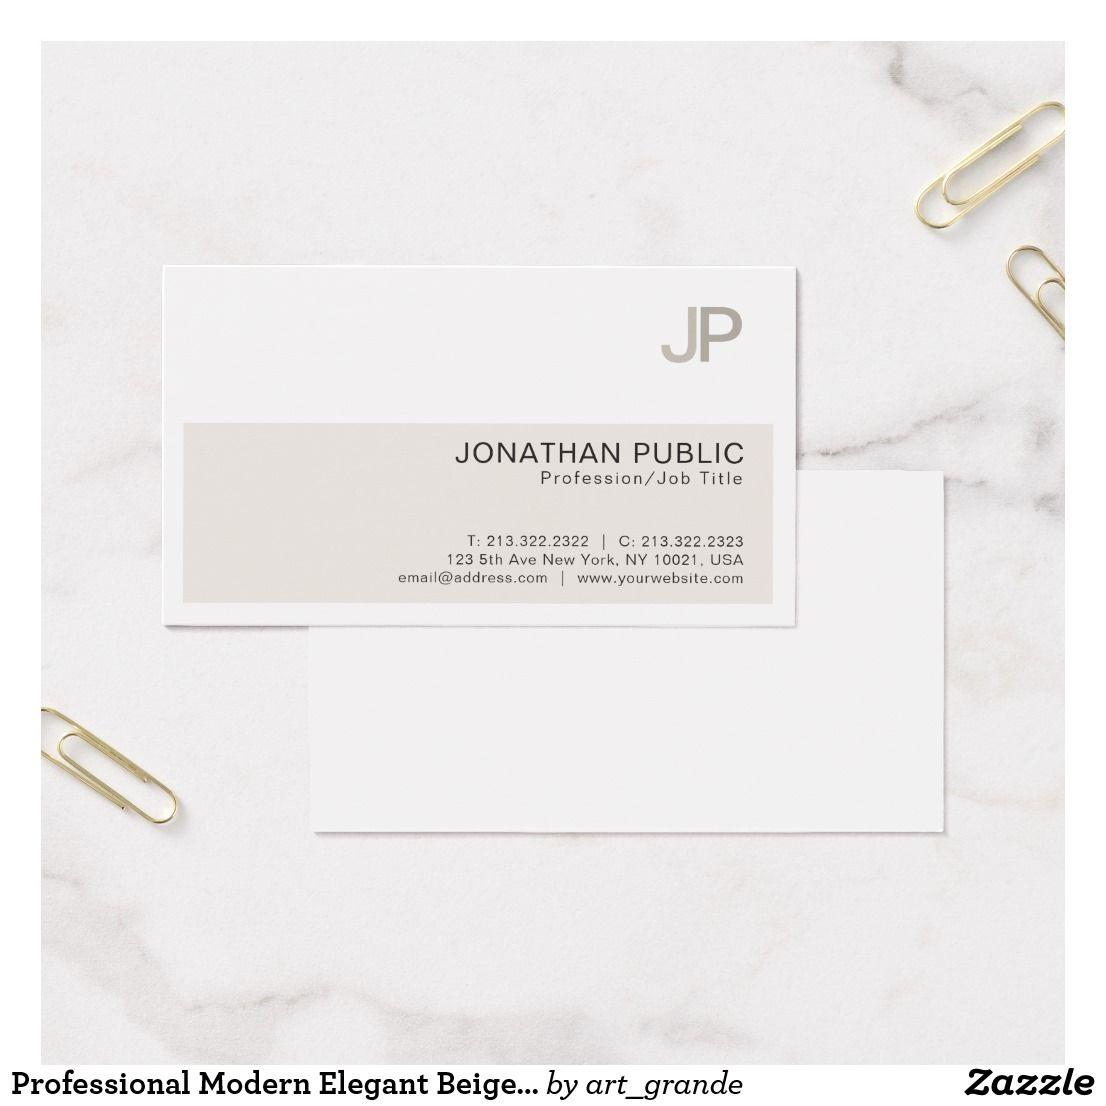 Professional modern elegant beige monogram business card professional modern elegant beige monogram business card magicingreecefo Images